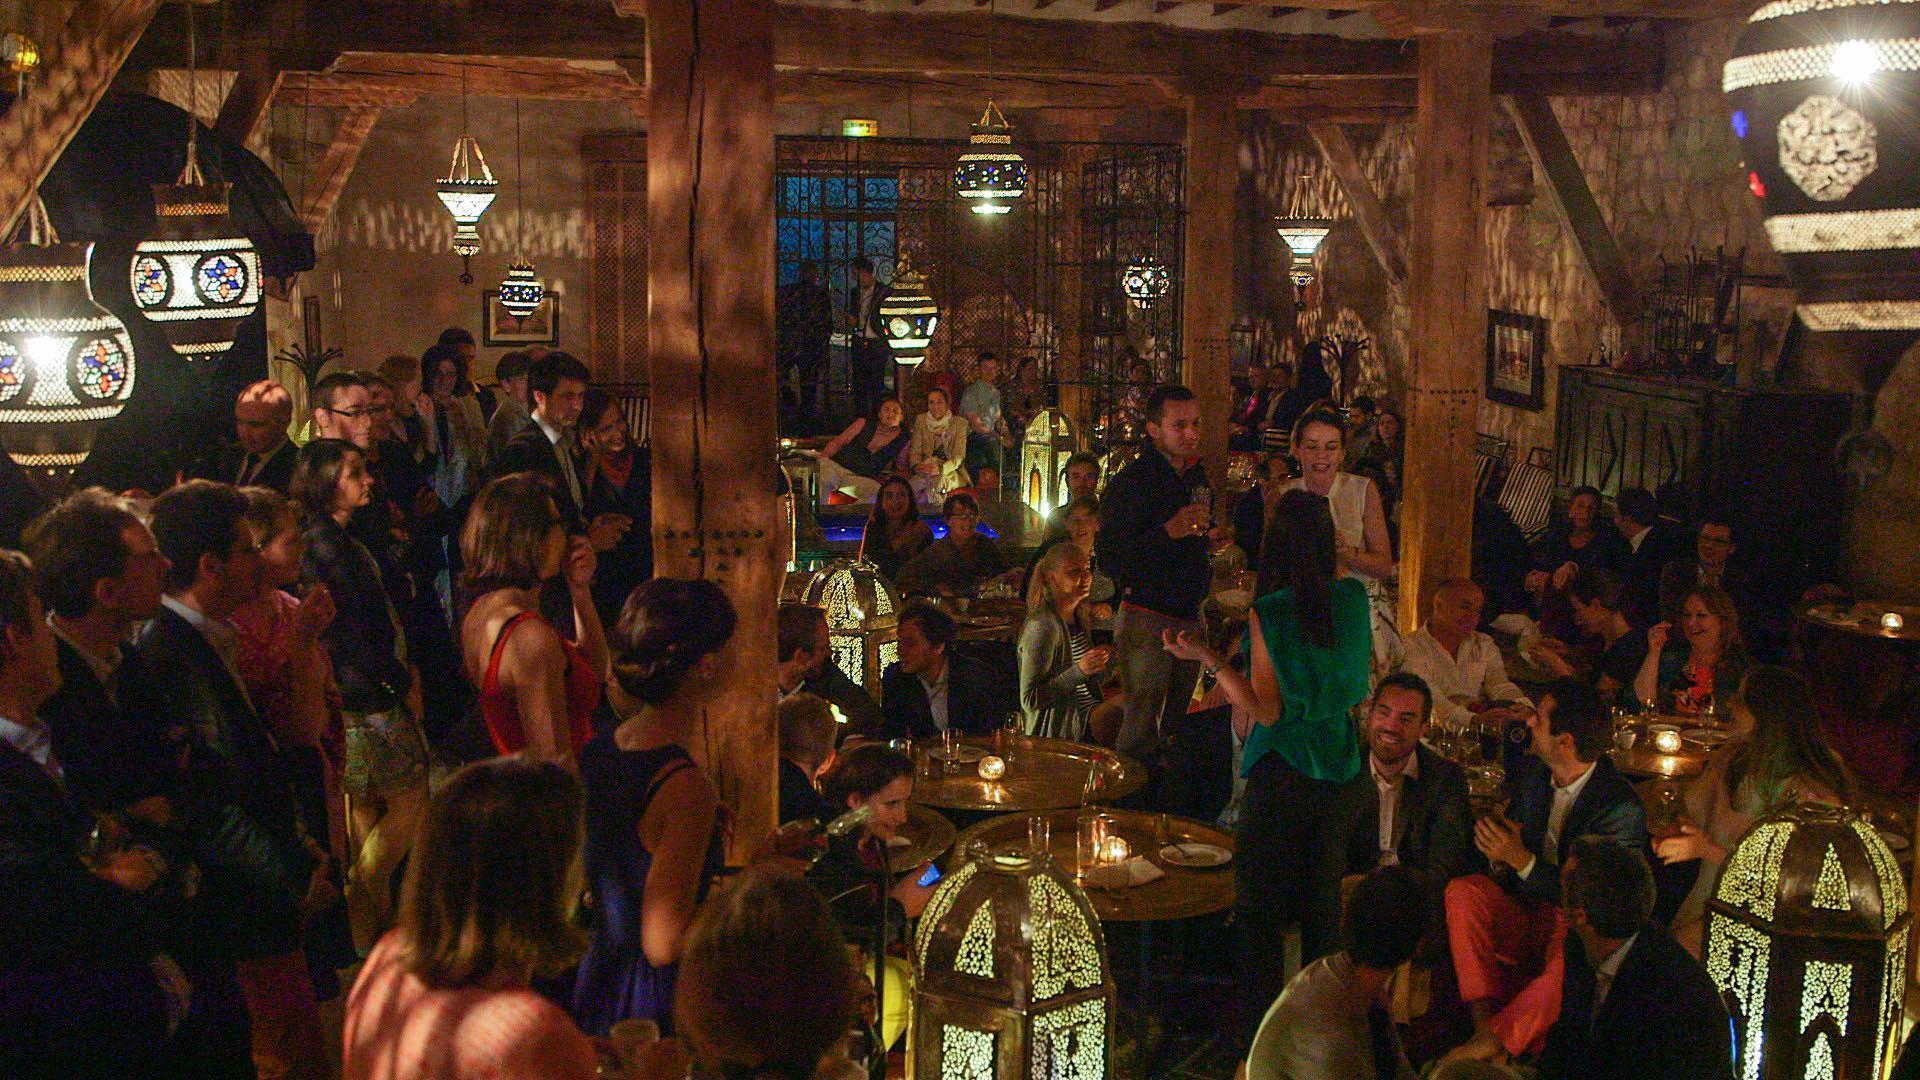 au château, le pavillon accueille les veilles ou lendemains de mariage